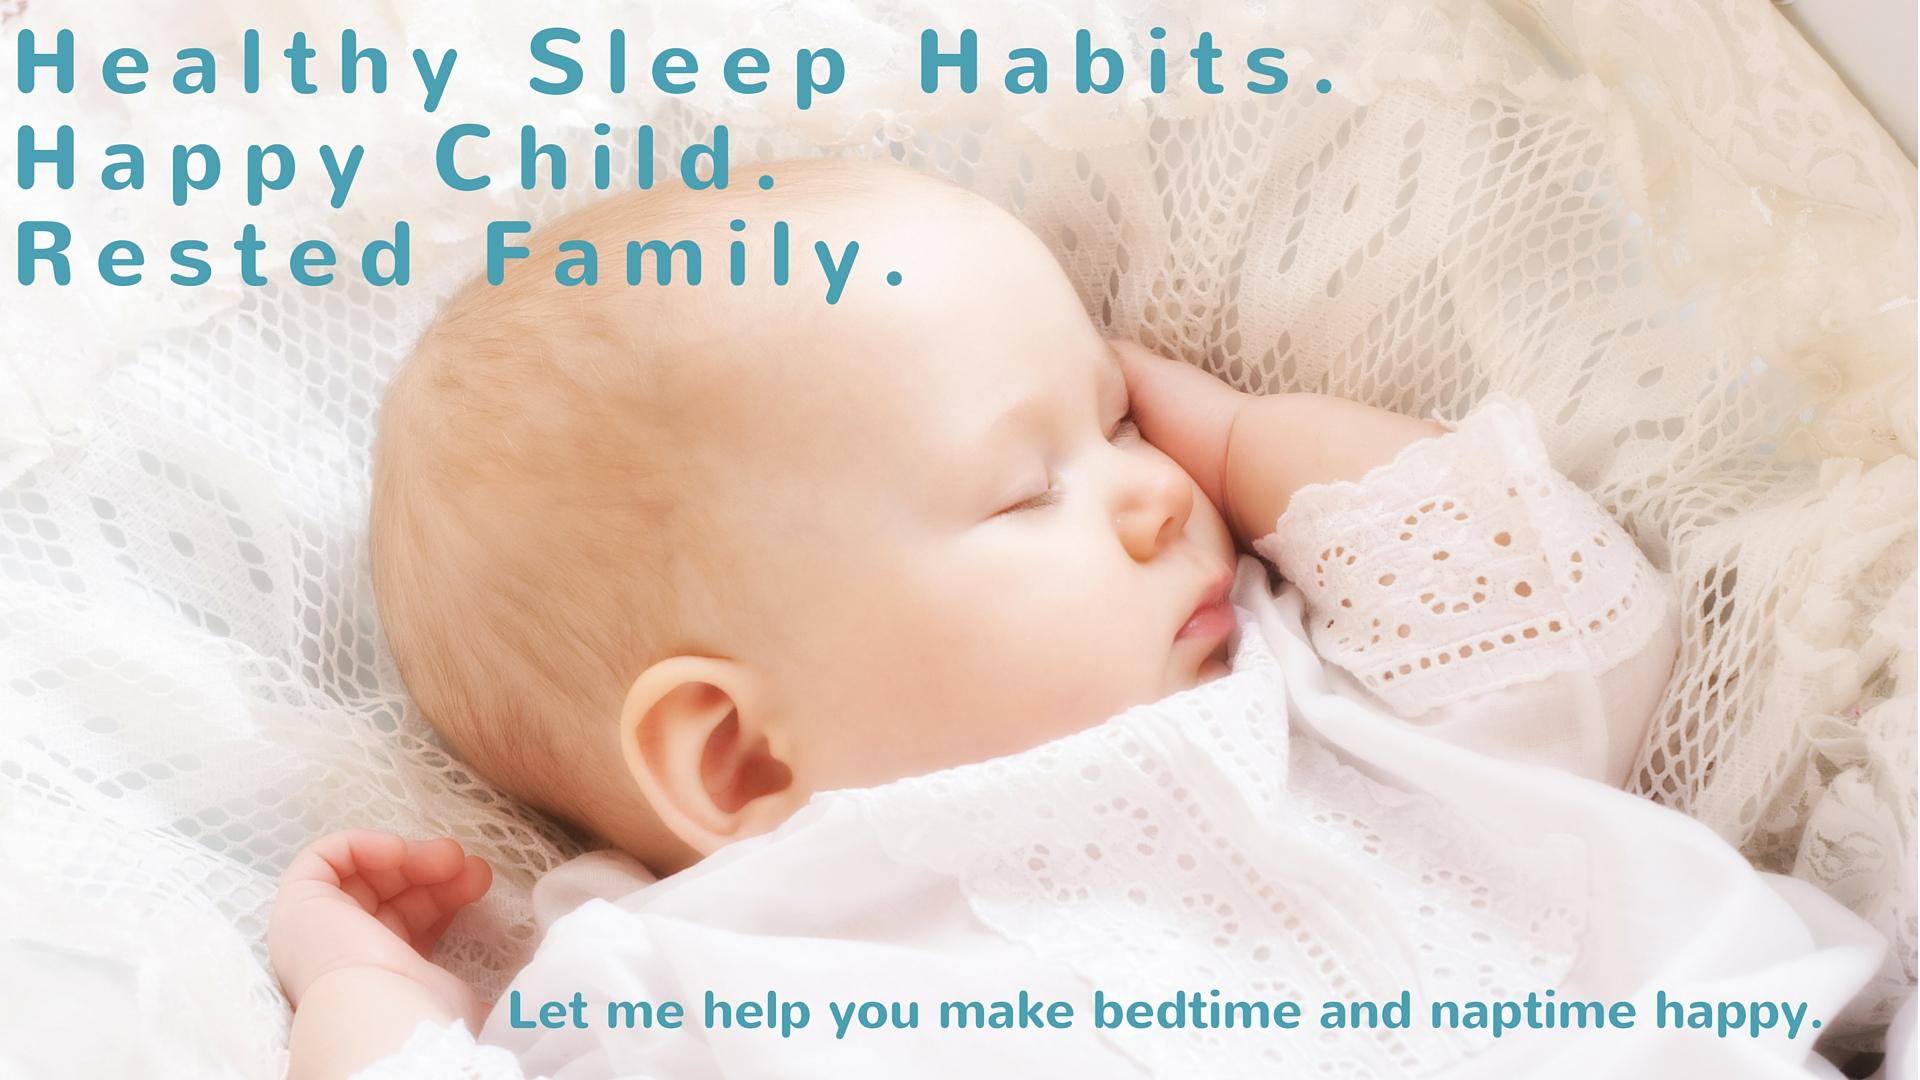 healthy sleep habits. happy and healthy (1).jpg